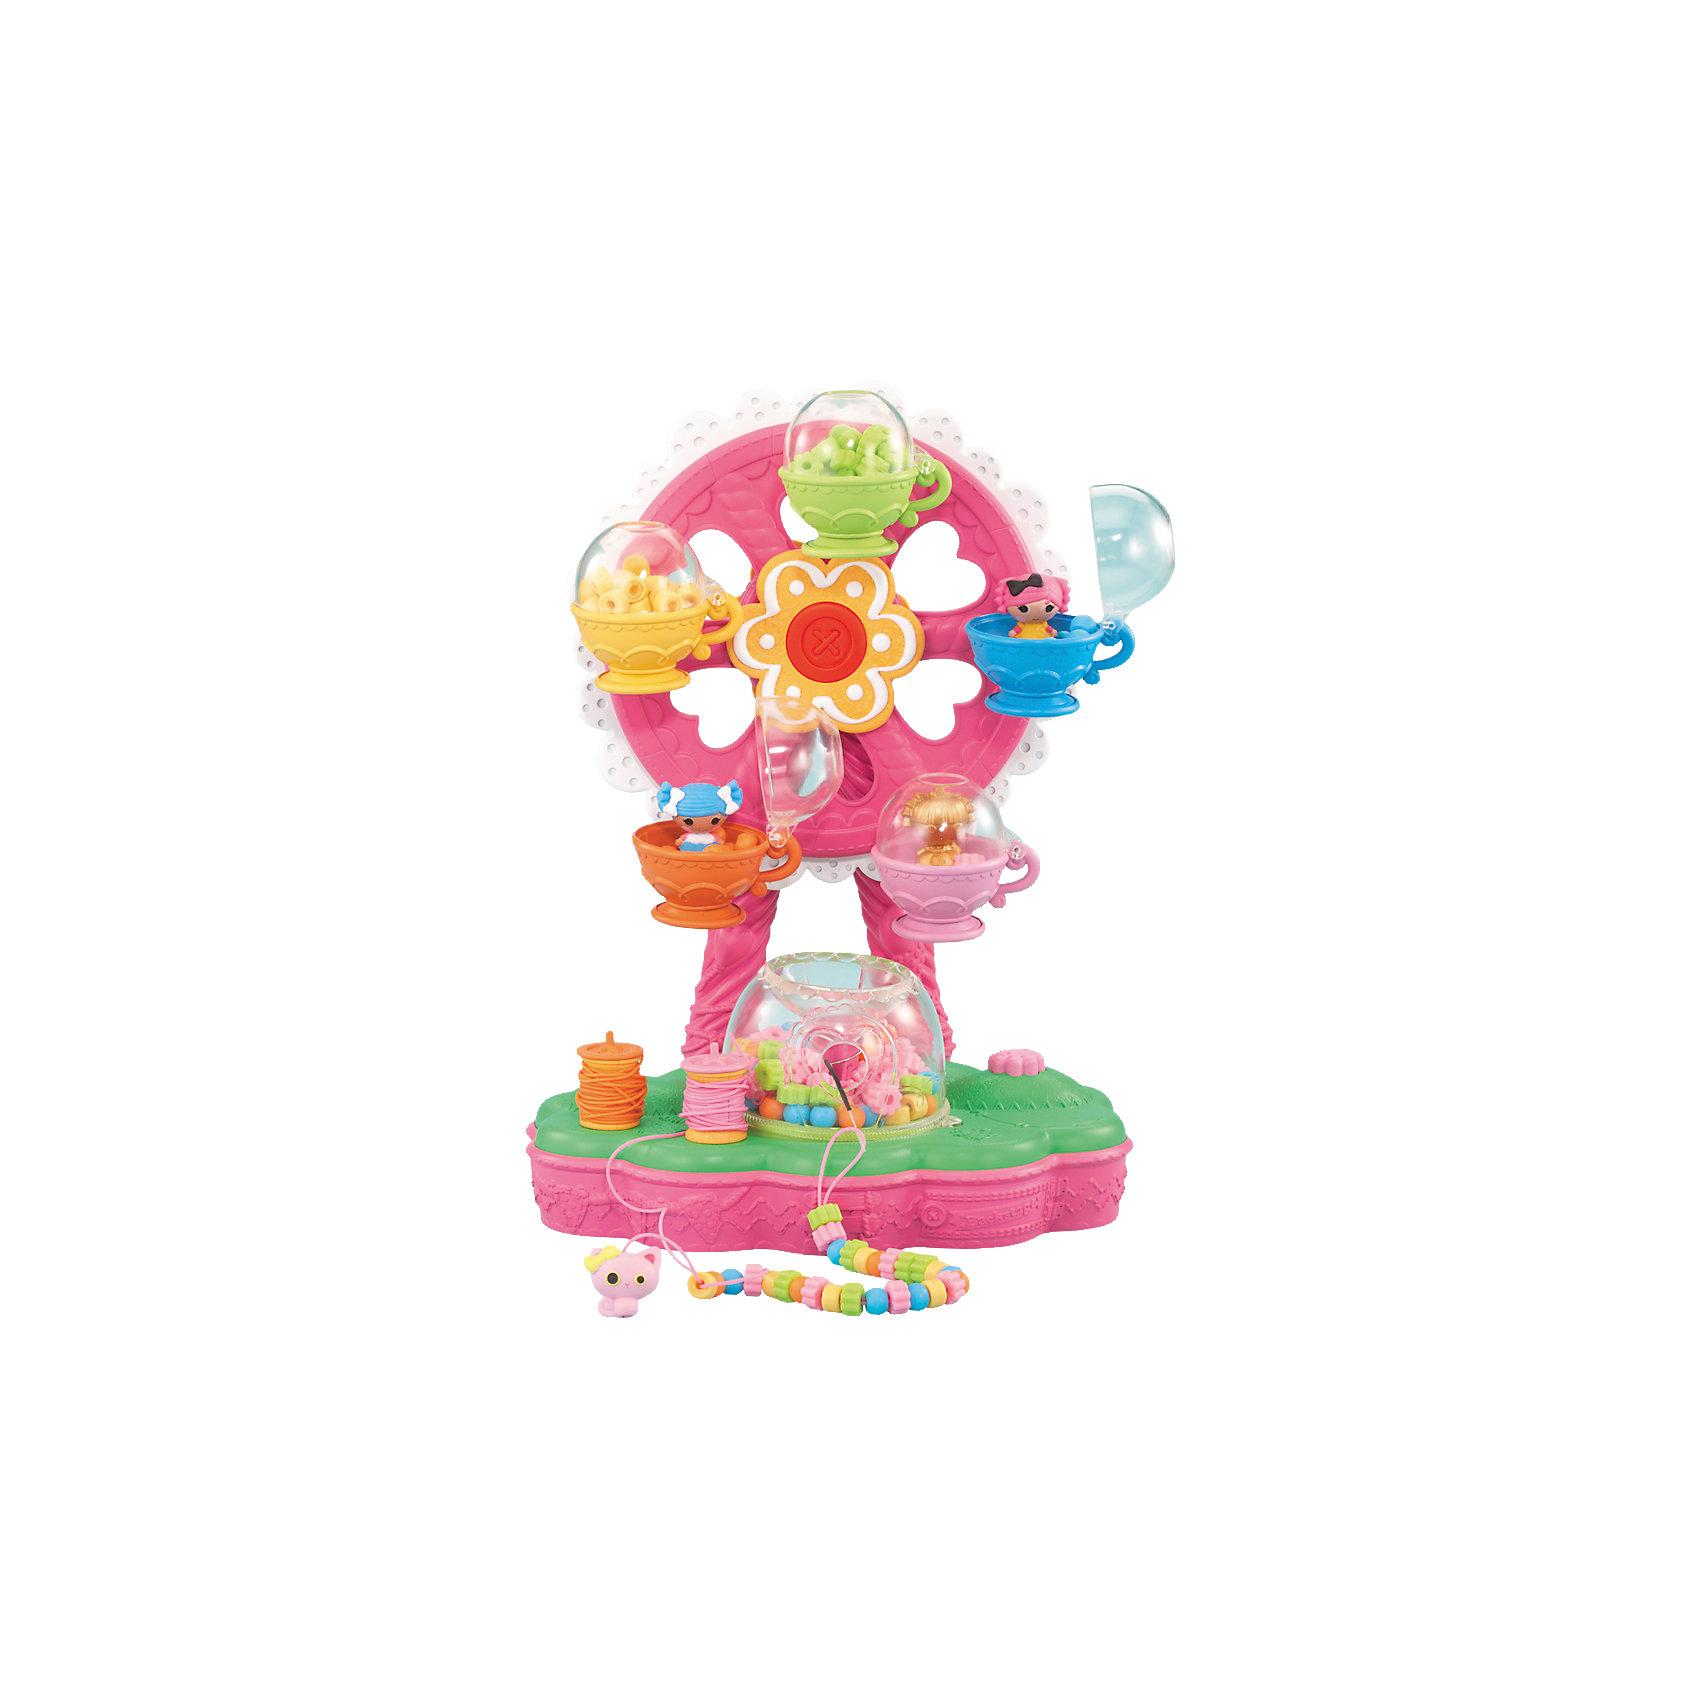 - Игровой набор Карусель  для создания украшений из бусинок, Lalaloopsy hasbro play doh игровой набор из 3 цветов цвета в ассортименте с 2 лет